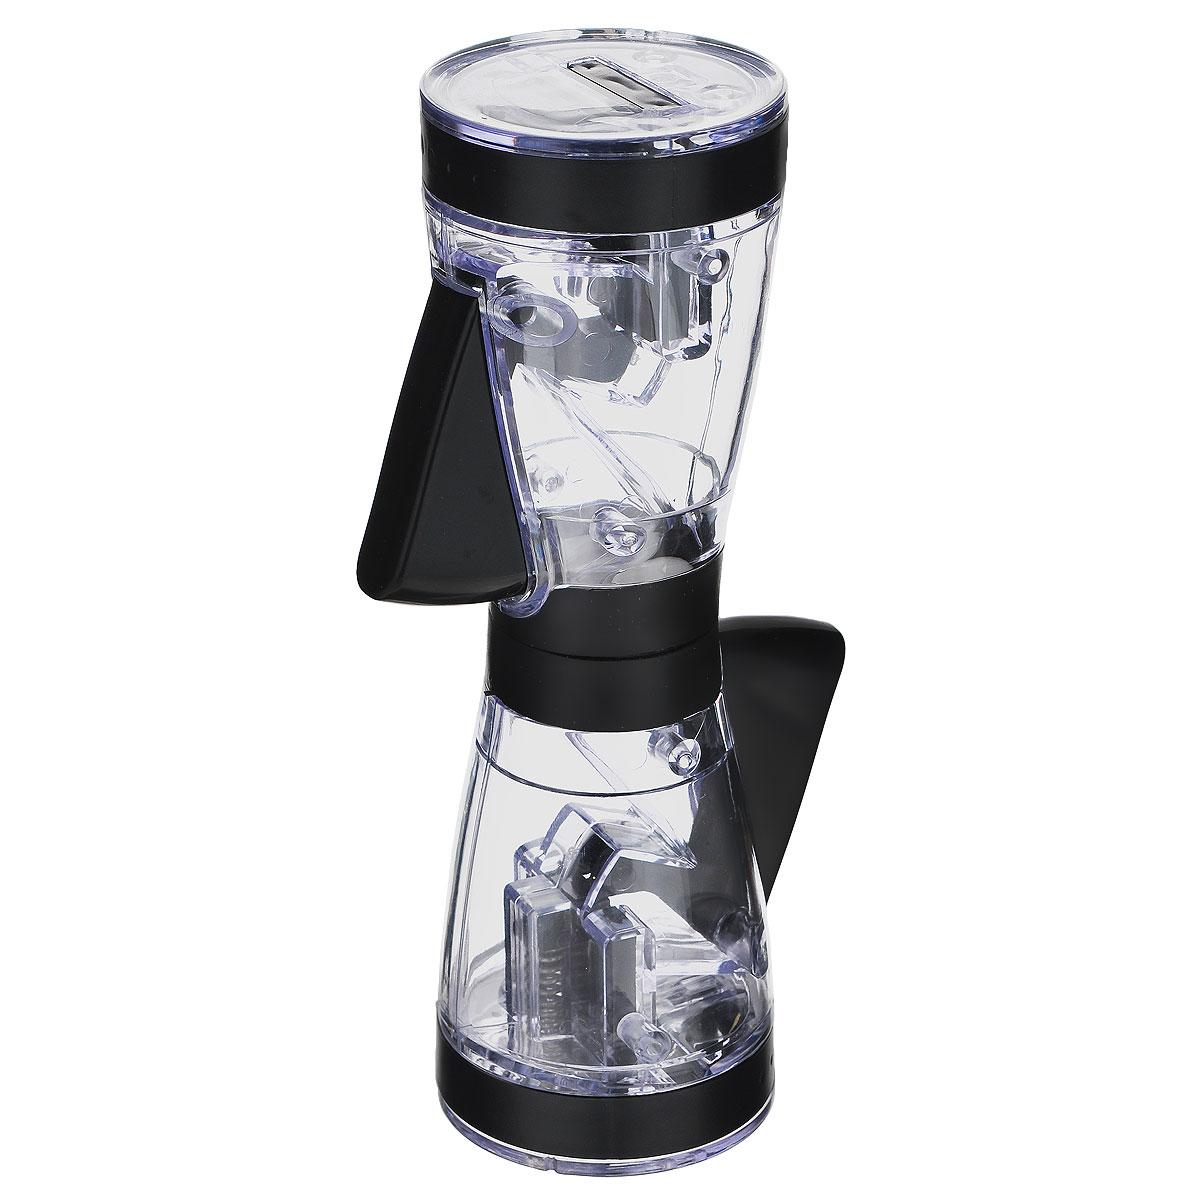 Мельница для соли и перца Fackelmann, комбинированная, высота 20,5 см47306Мельница для Fackelmann выполнена высококачественного пластика с прозрачным окошком и предназначена для соли и перца. Мельница оснащена двумя отдельными отделениями и двумя регулируемыми механизмами помола из керамики и нержавеющей стали. Механизм приходит в действие простым нажатием на кнопку. Отделения с солью и перцем можно использовать отдельно друг от друга. Мельница Fackelmann добавит вашим блюдам яркие вкусовые краски. Она удобна в использовании и имеет яркий современный дизайн, который станет ярким акцентом в интерьере вашей кухни.